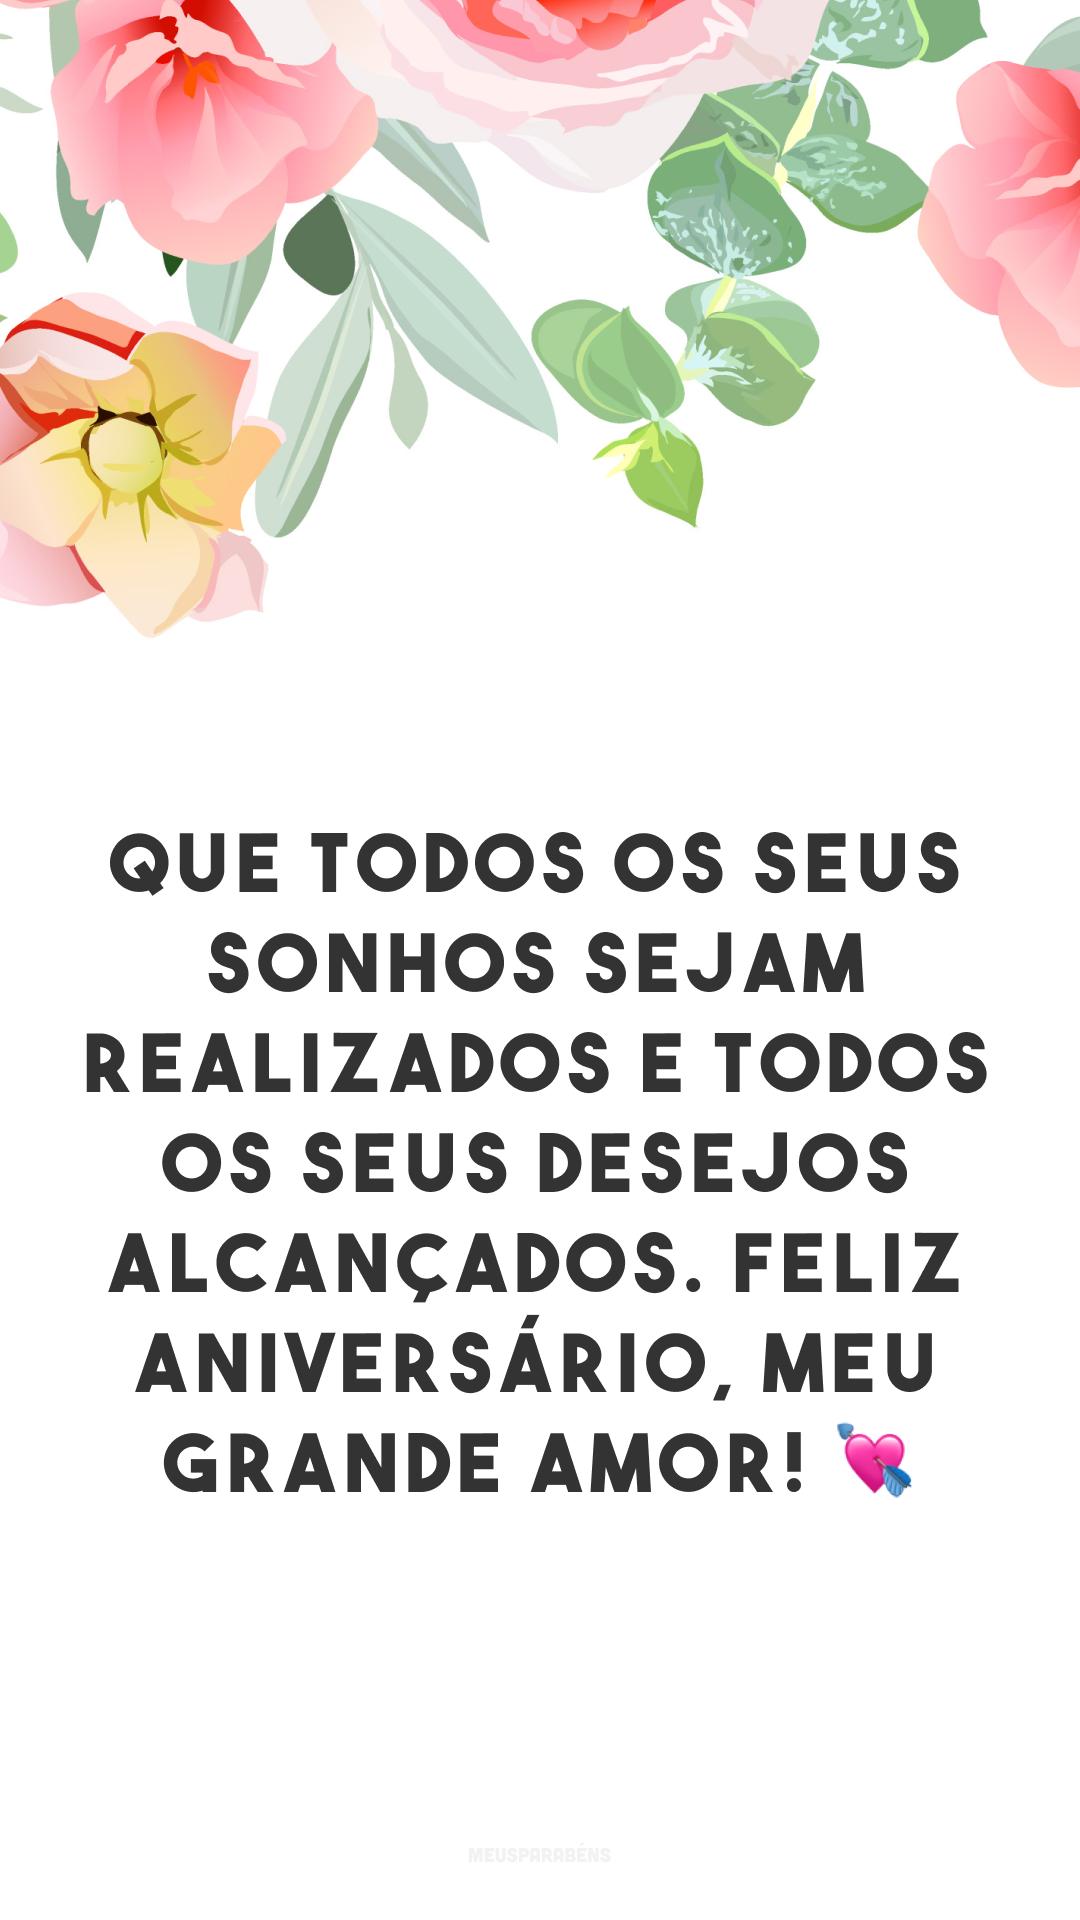 Que todos os seus sonhos sejam realizados e todos os seus desejos alcançados. Feliz aniversário, meu grande amor! 💘